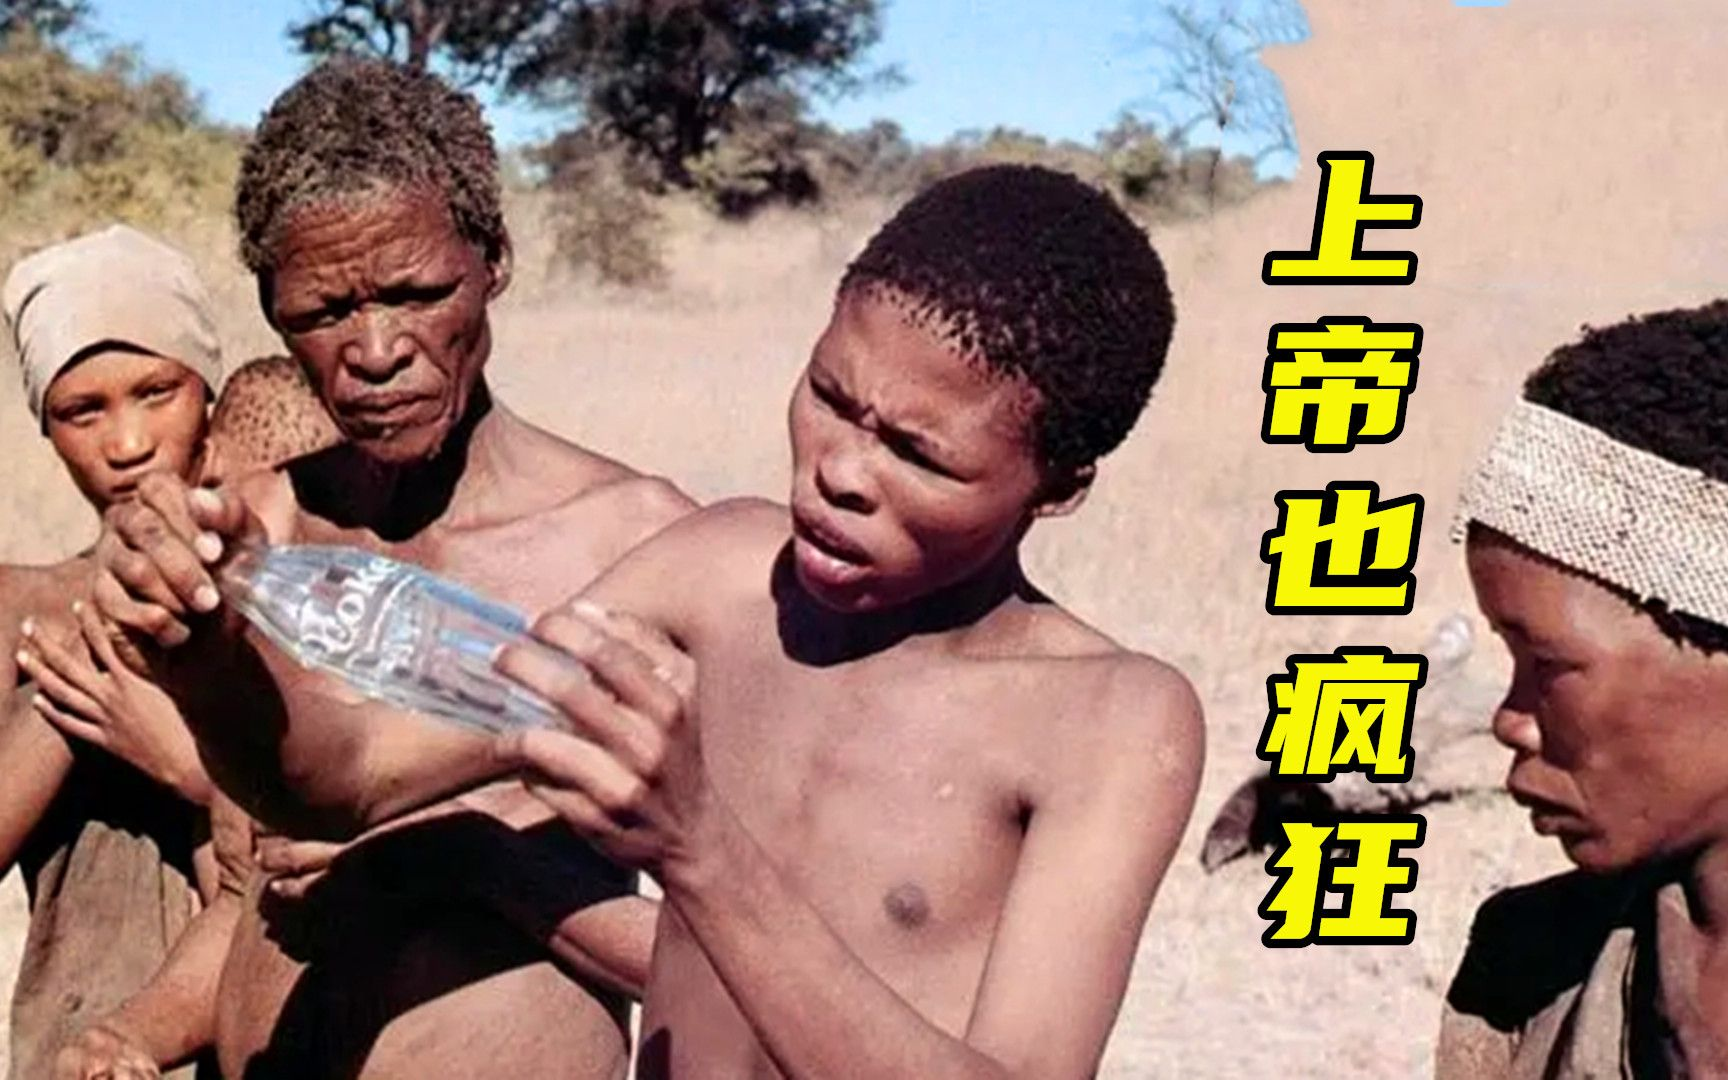 当现代人碰到非洲土著,人类的悲欢,原来并不相通